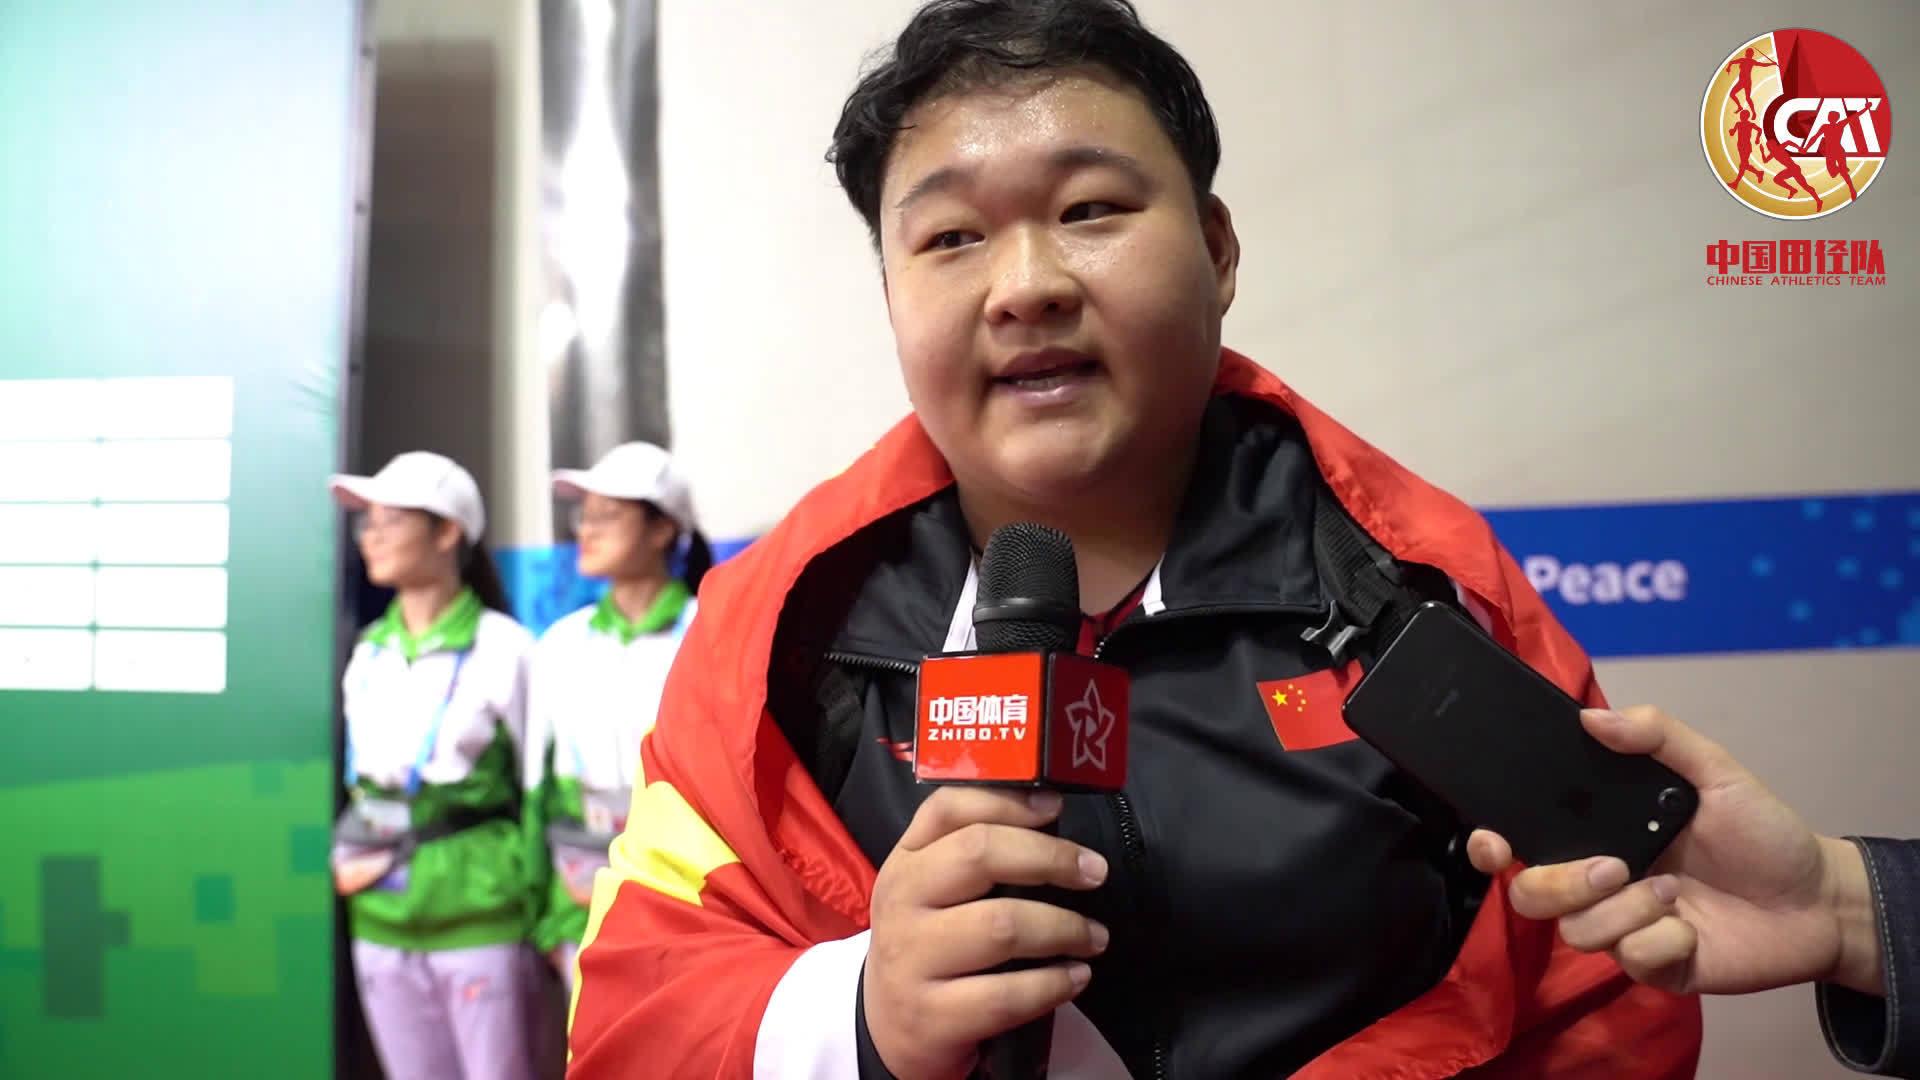 10月23日晚, 女子铅球决赛,中国八一选手高阳在第四轮投出17米85